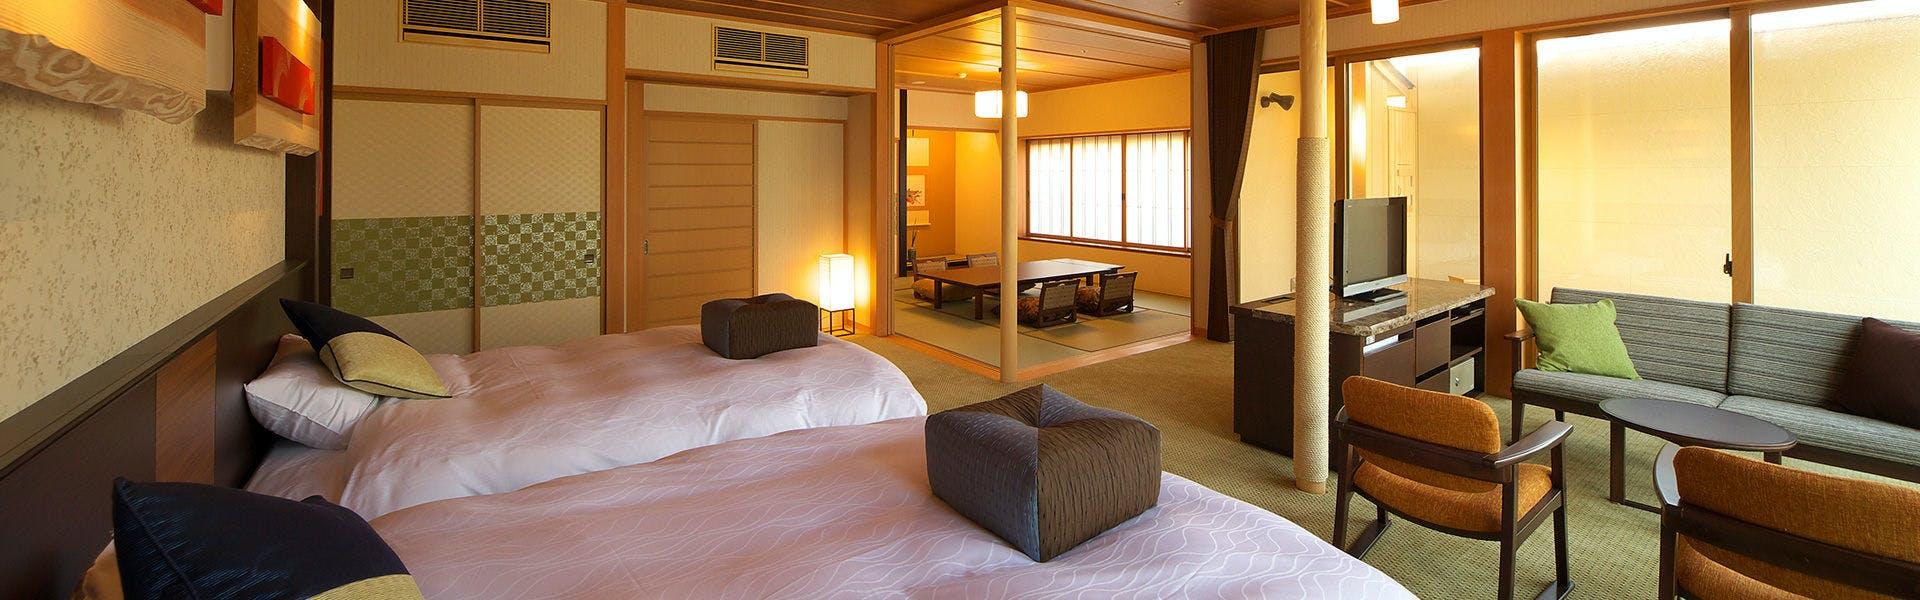 記念日におすすめのホテル・【別邸 海と森】の写真3